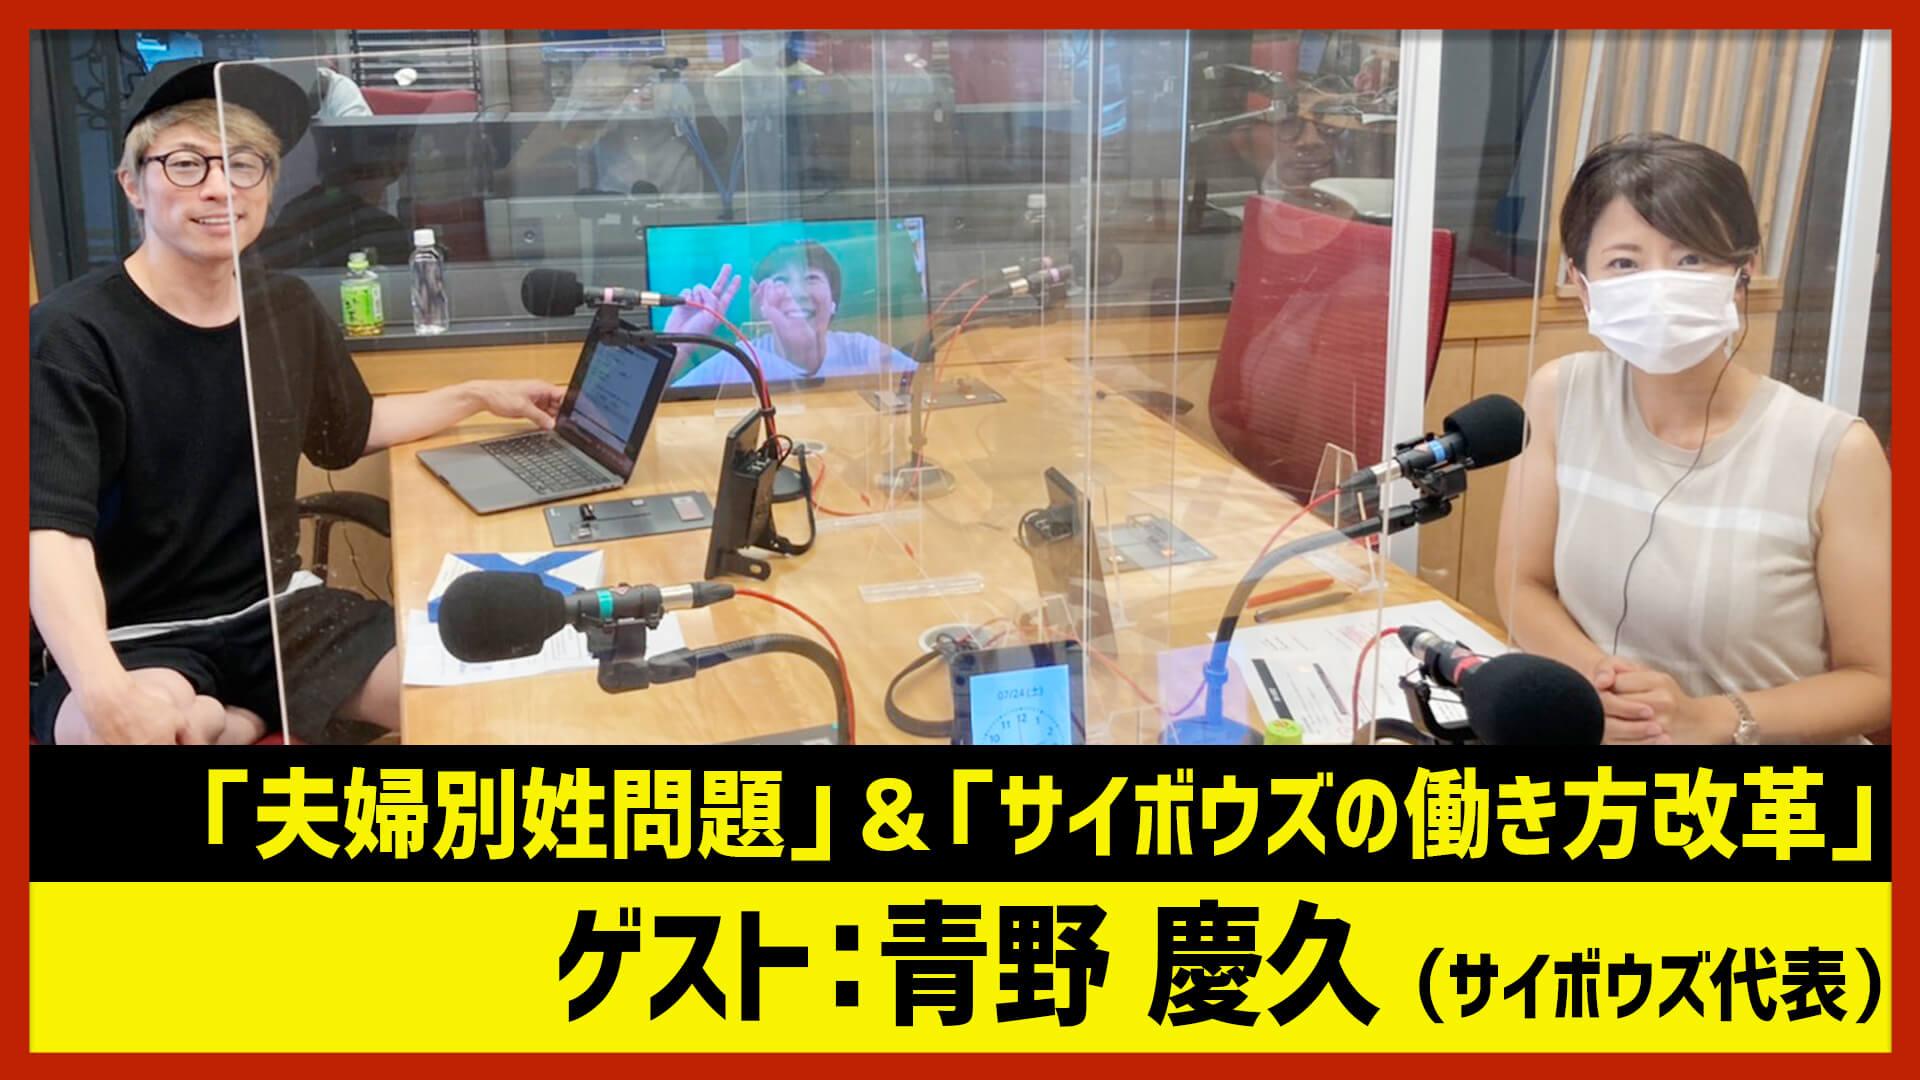 【田村淳のNewsCLUB】ゲスト: 青野慶久さん(2021年7月24日後半)